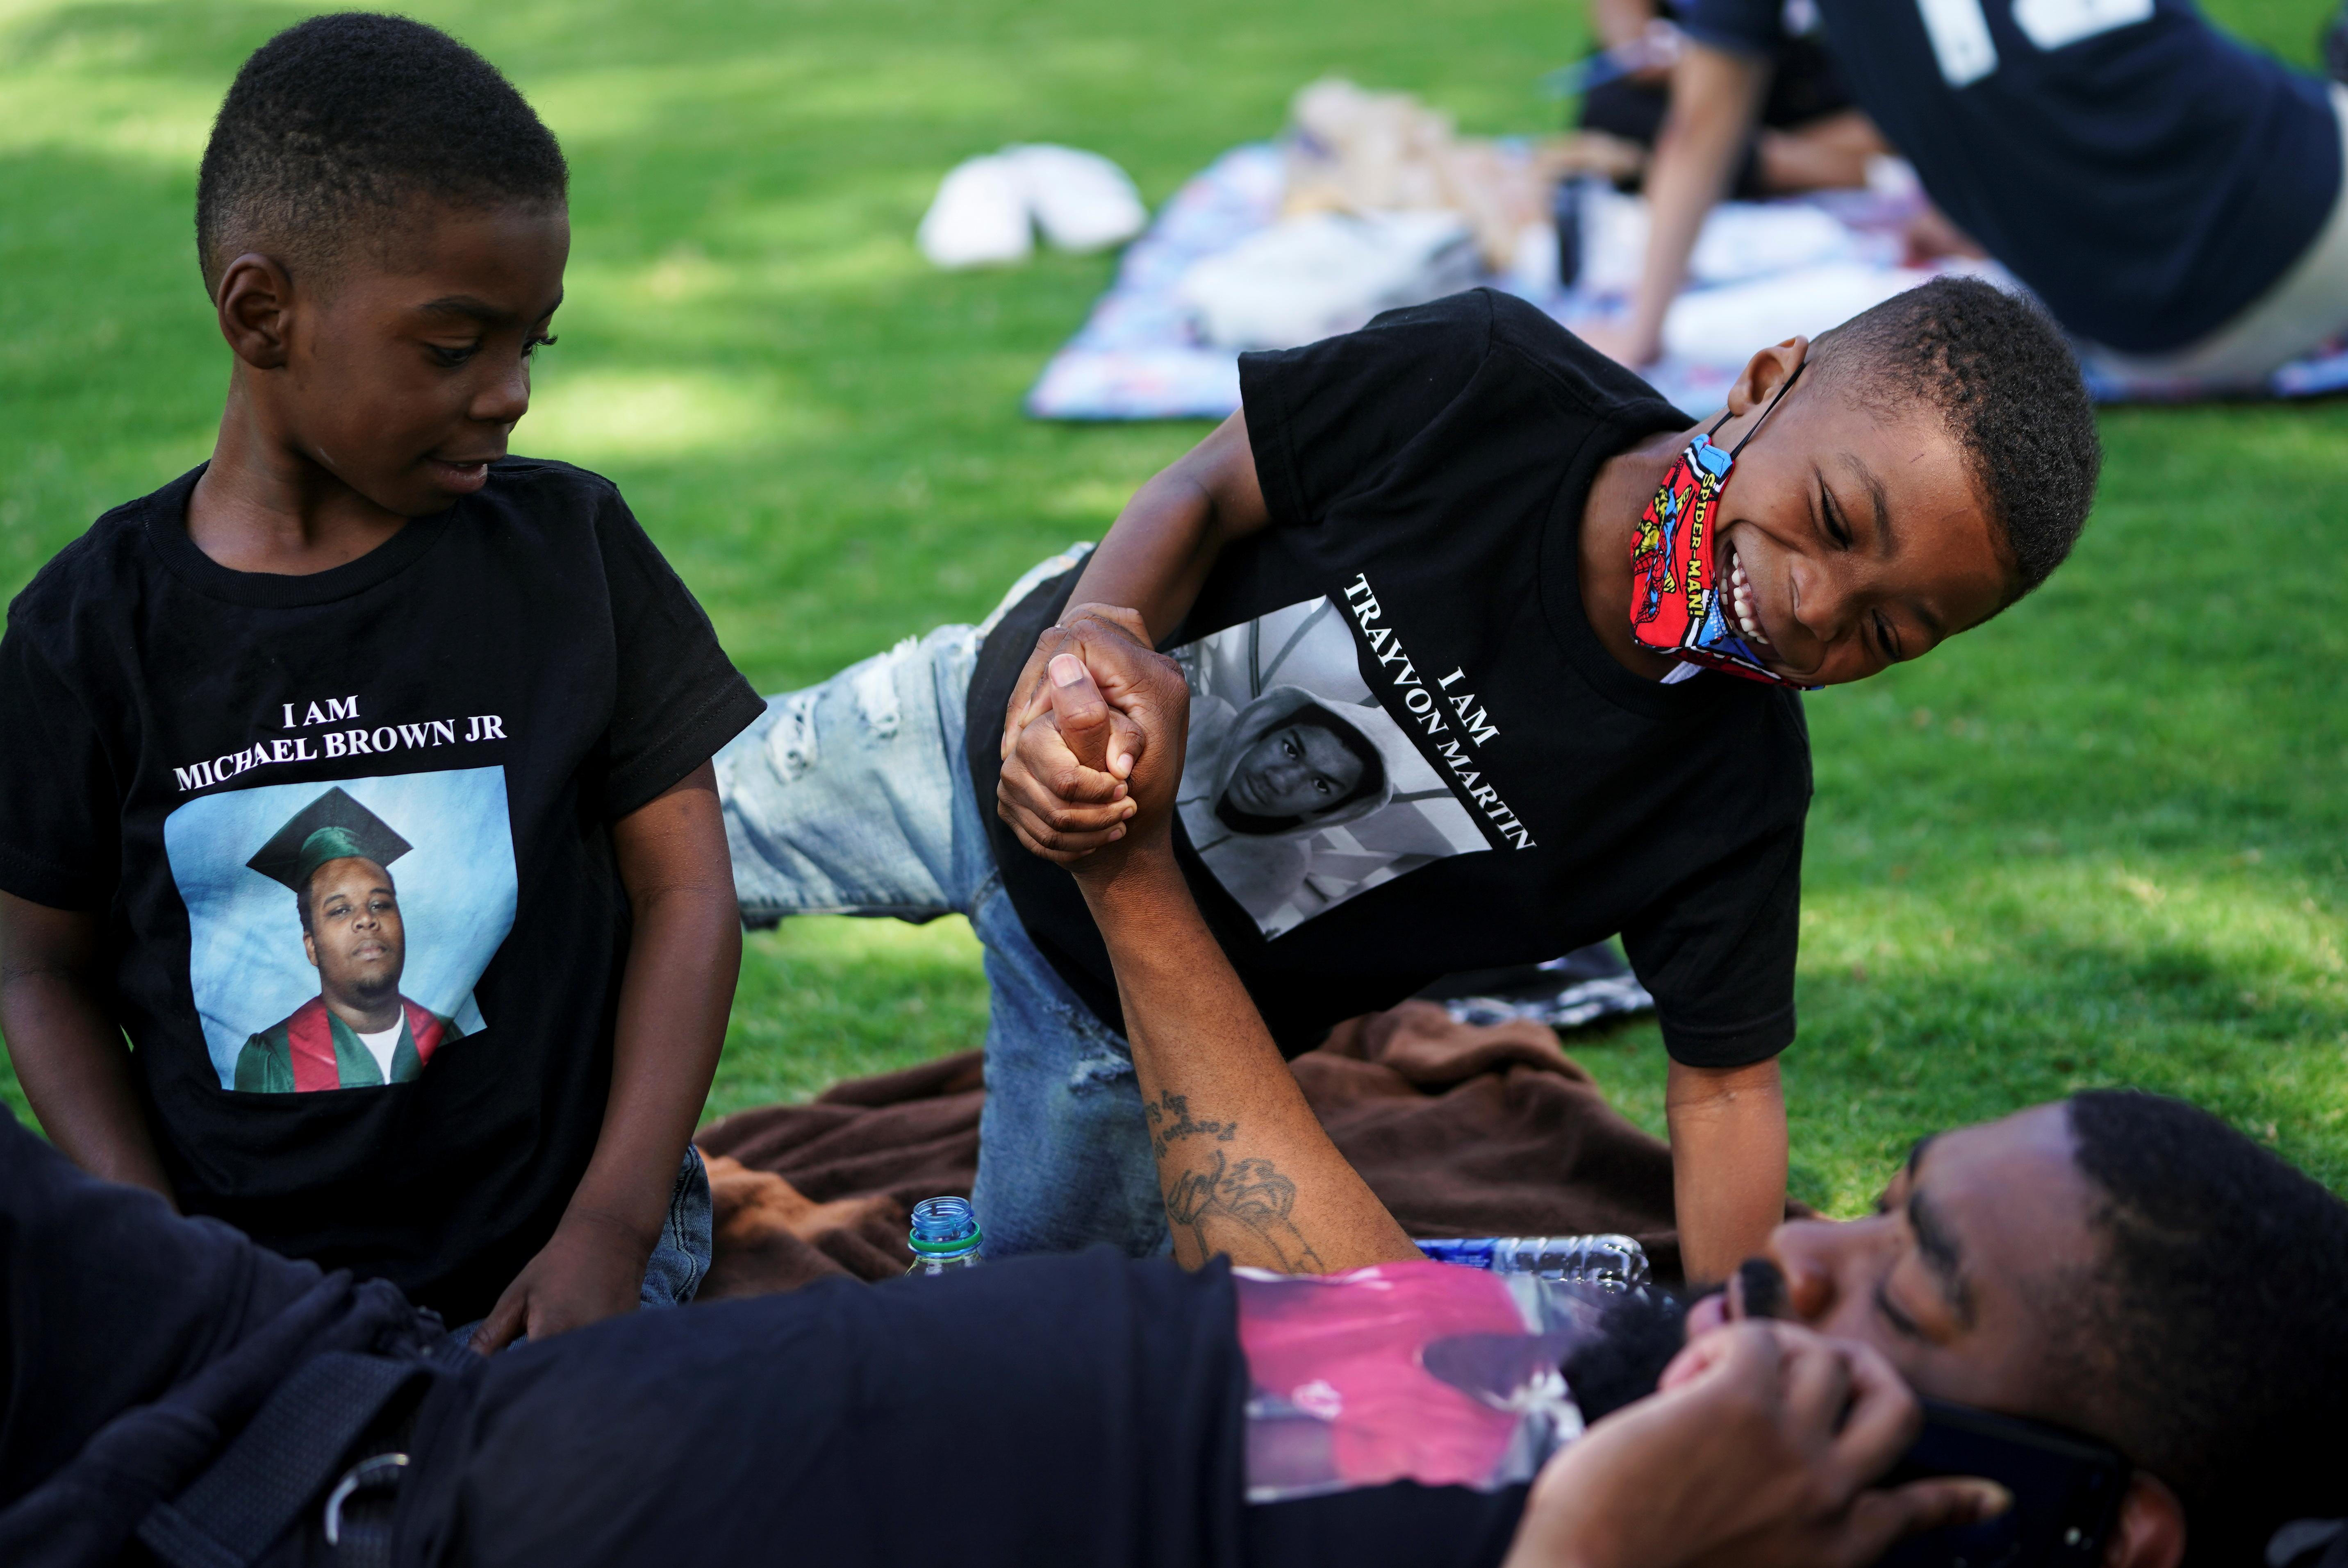 Familias participaron de las conmemoraciones por Juneteenth en Atlanta, Georgia REUTERS/Elijah Nouvelage